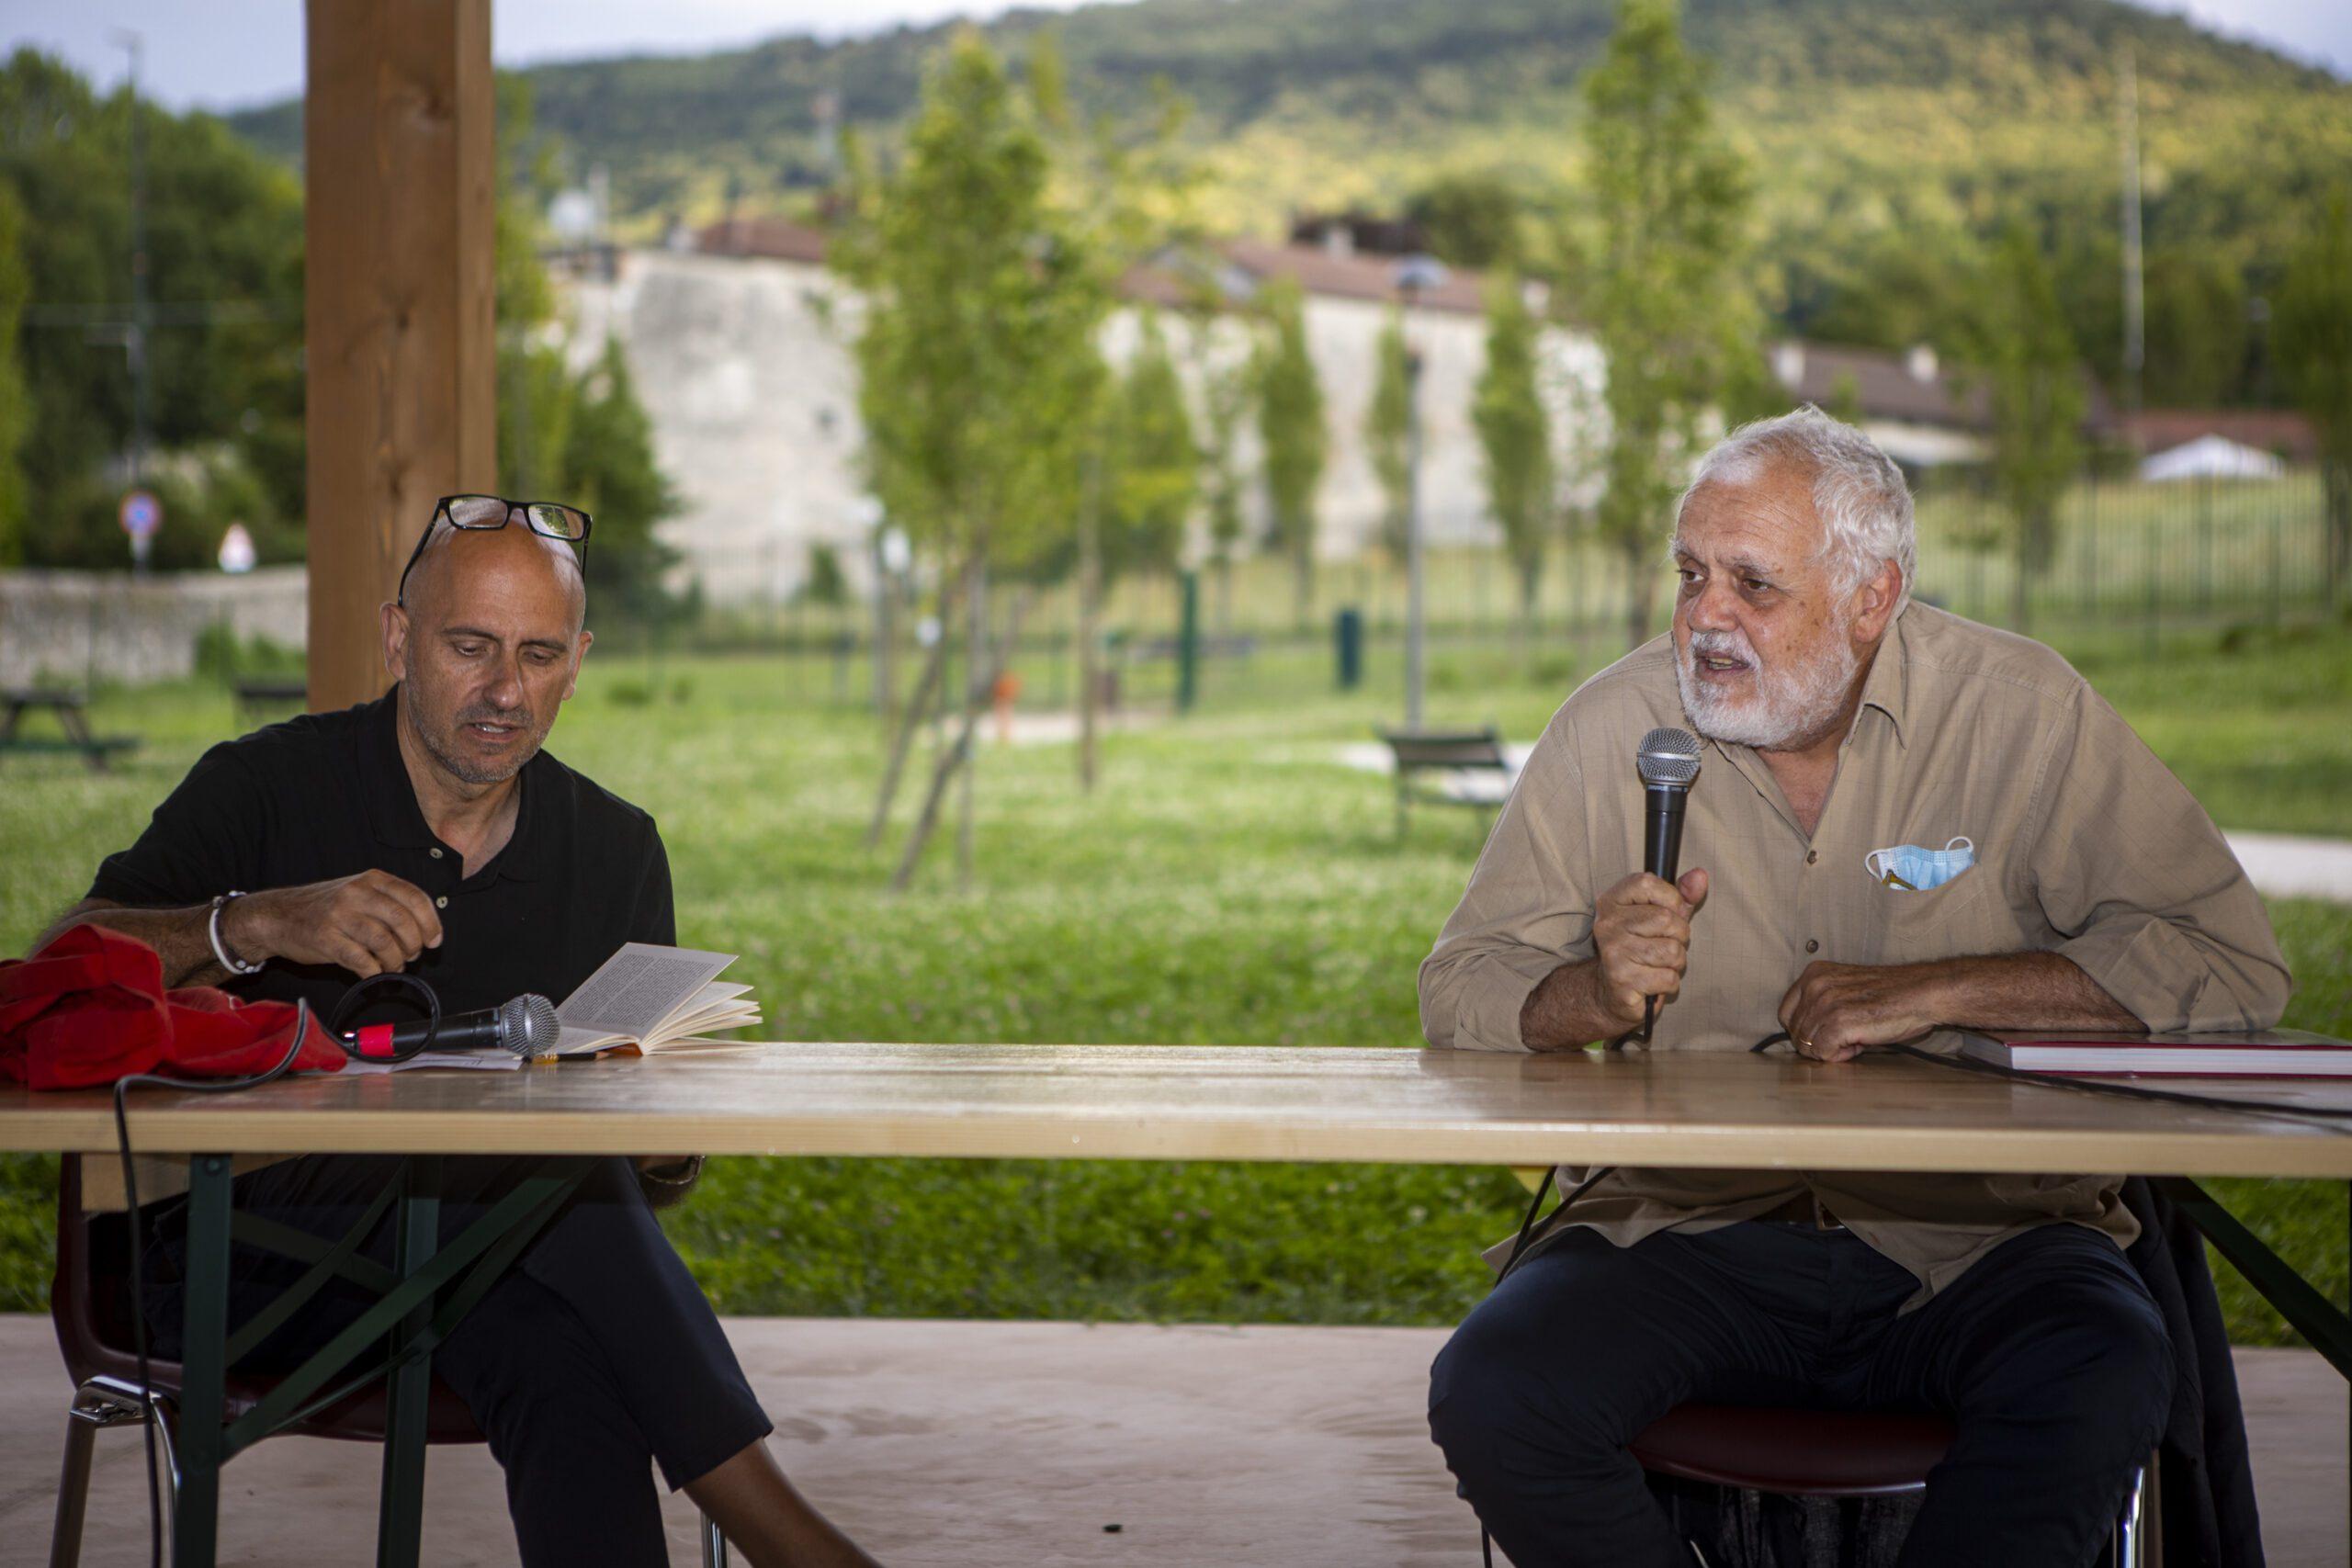 Marco Tullio Giordana insieme a Marco Ponti per l'incontro del Valsusa Filmfest il 23 giugno 2021